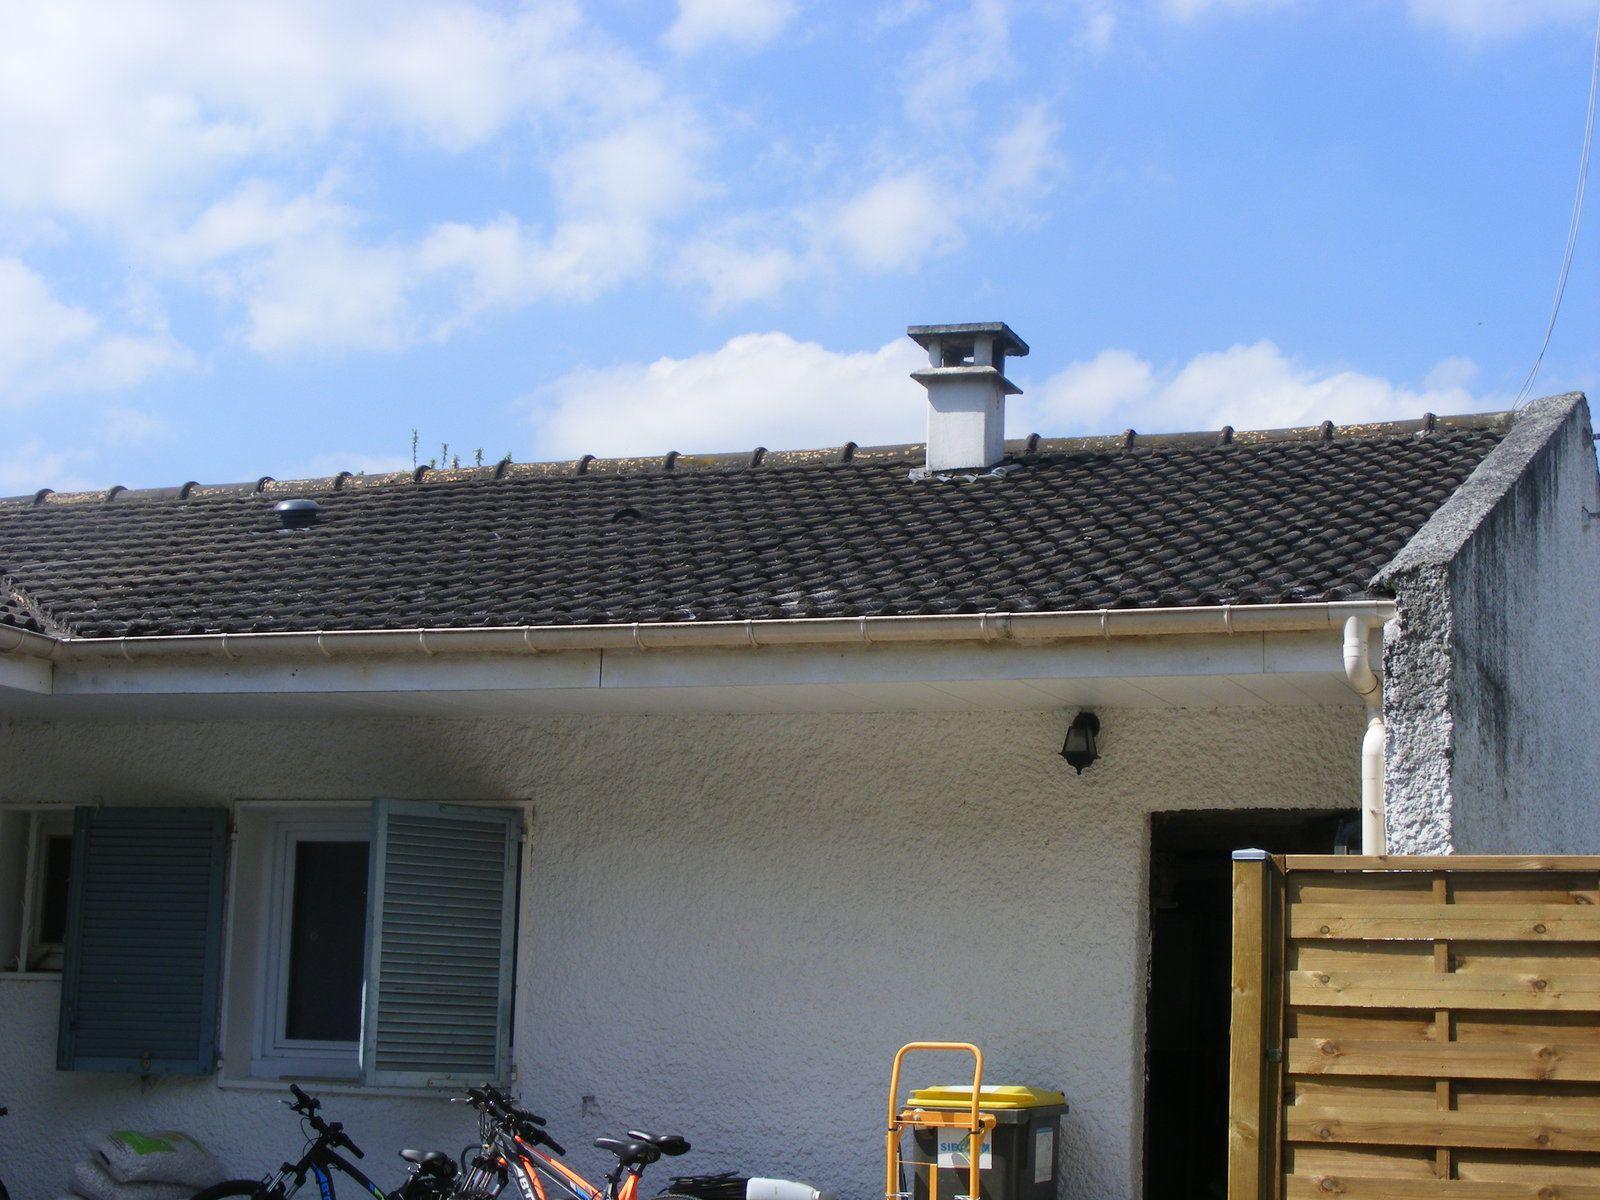 D 39 une toiture b ton vers une toiture terre cuite et modifications pour infiltrations d 39 eau le - Difference tuile beton et terre cuite ...